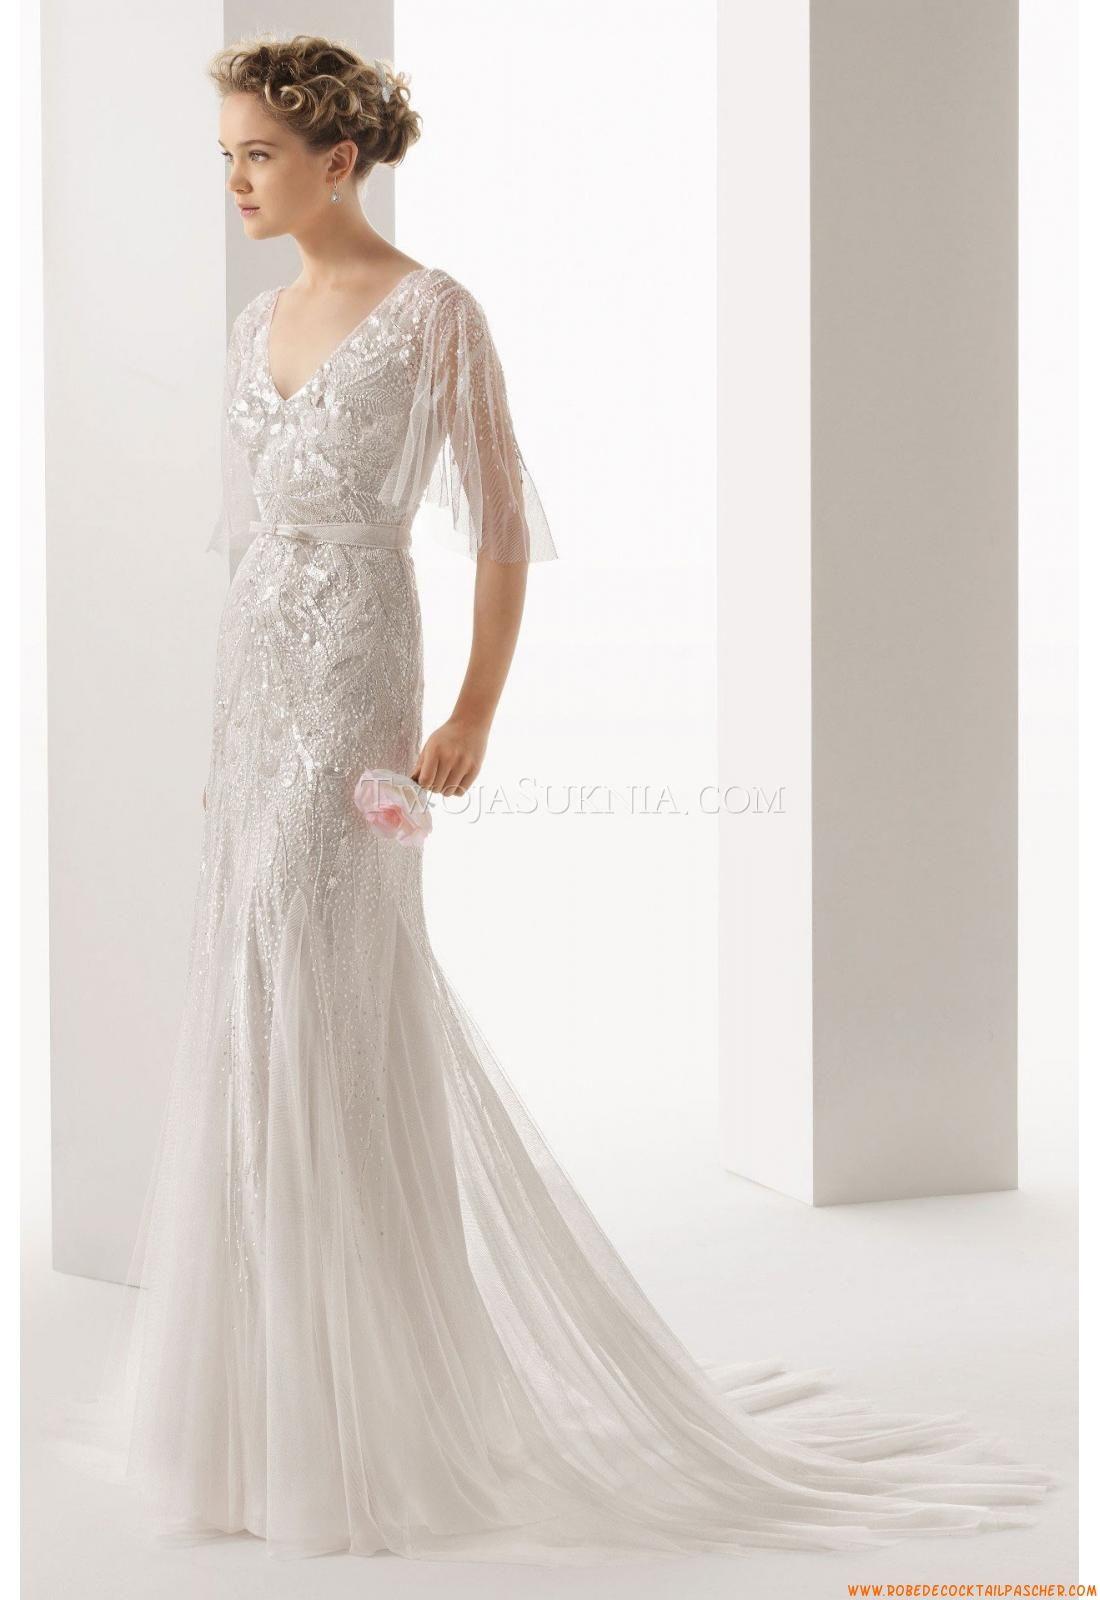 Robe de mariée Rosa Clara 202 Ubela Soft 2014 | robe de mariée ...